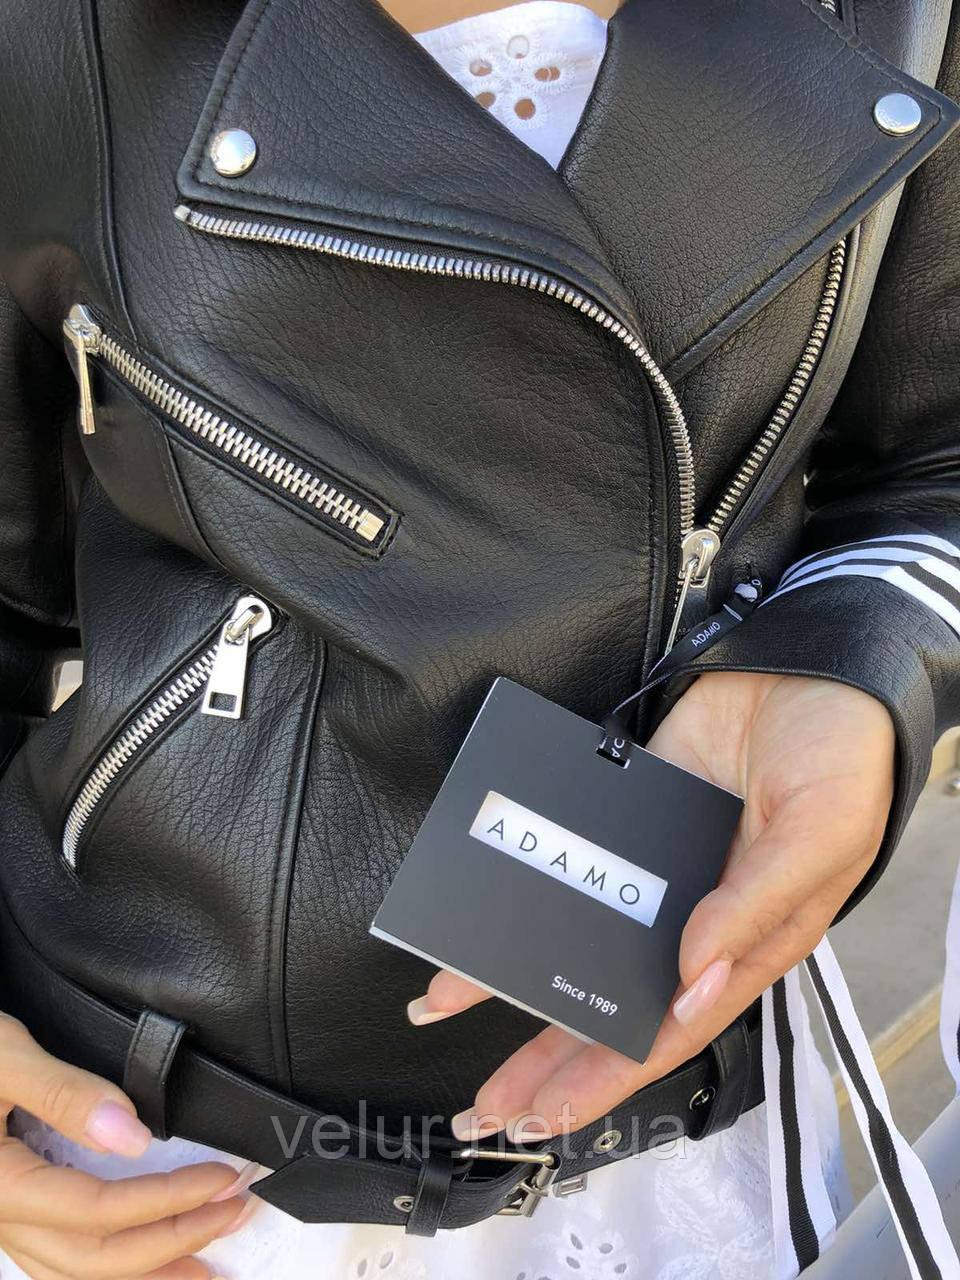 Куртка женская натуральная *ADAMO*, кожа телячья премиум, размеры С,М,Л,ХЛ,белый,черный цвет